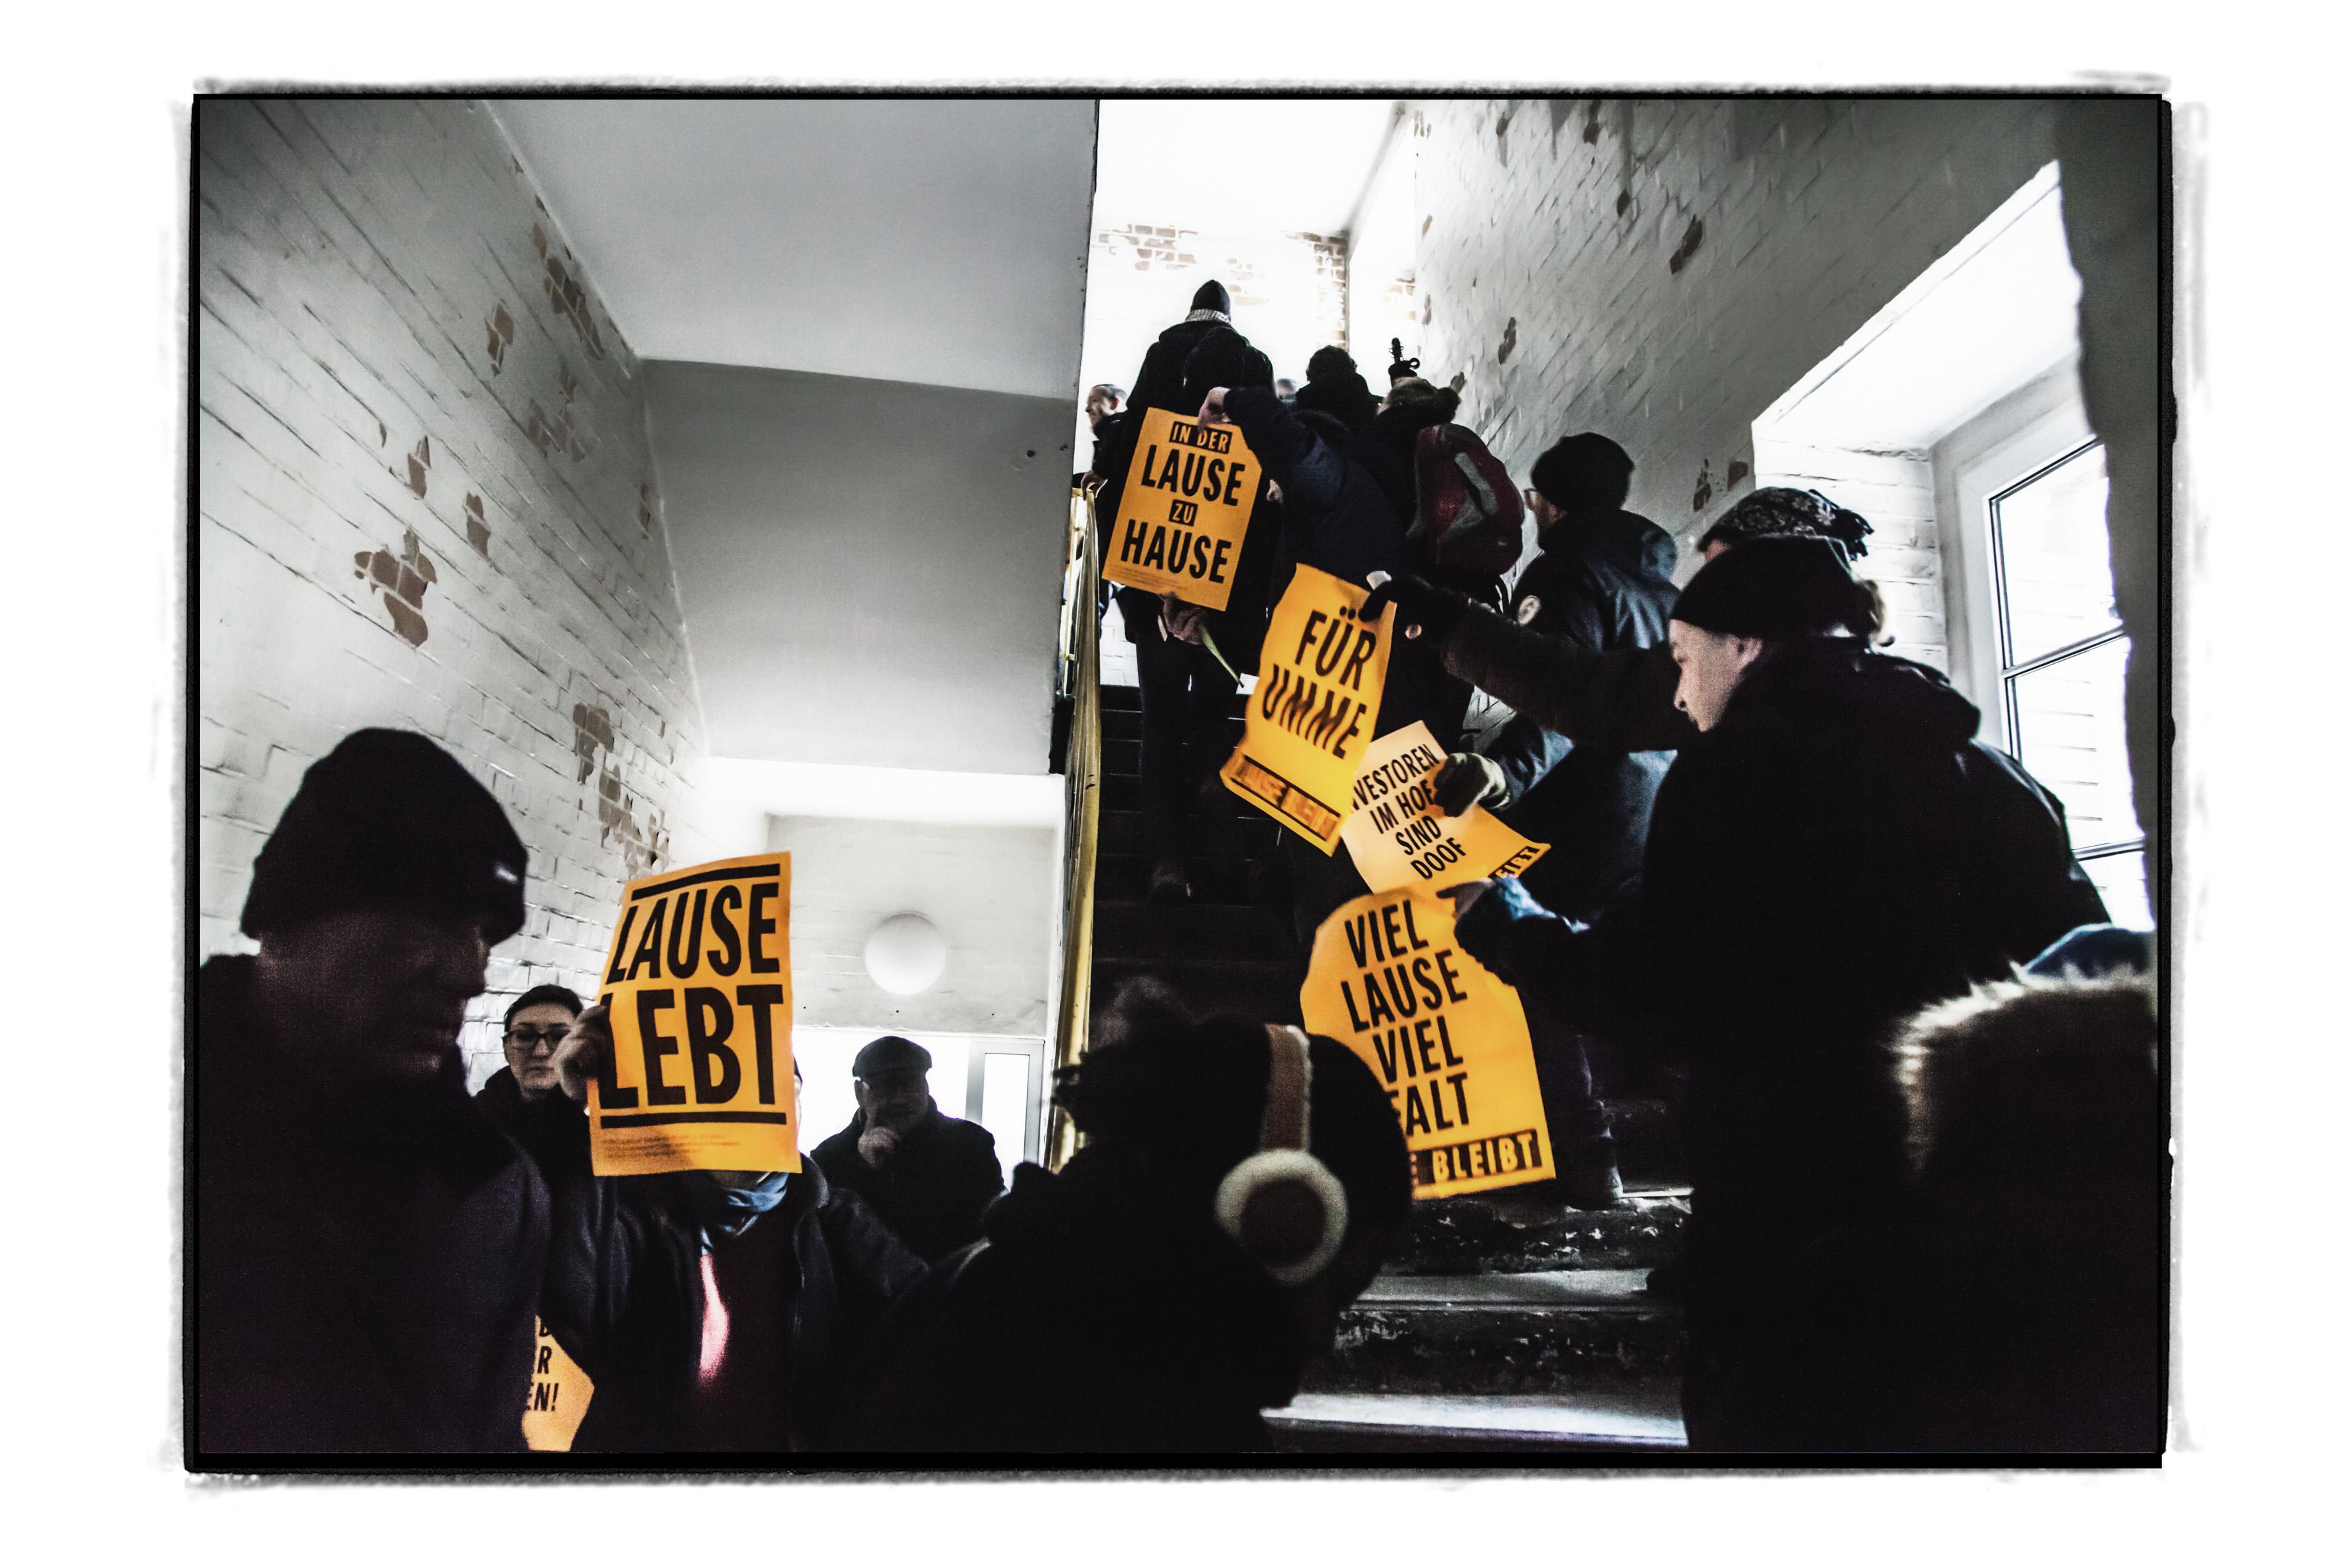 抗议士绅化的艺术家们 Lause图